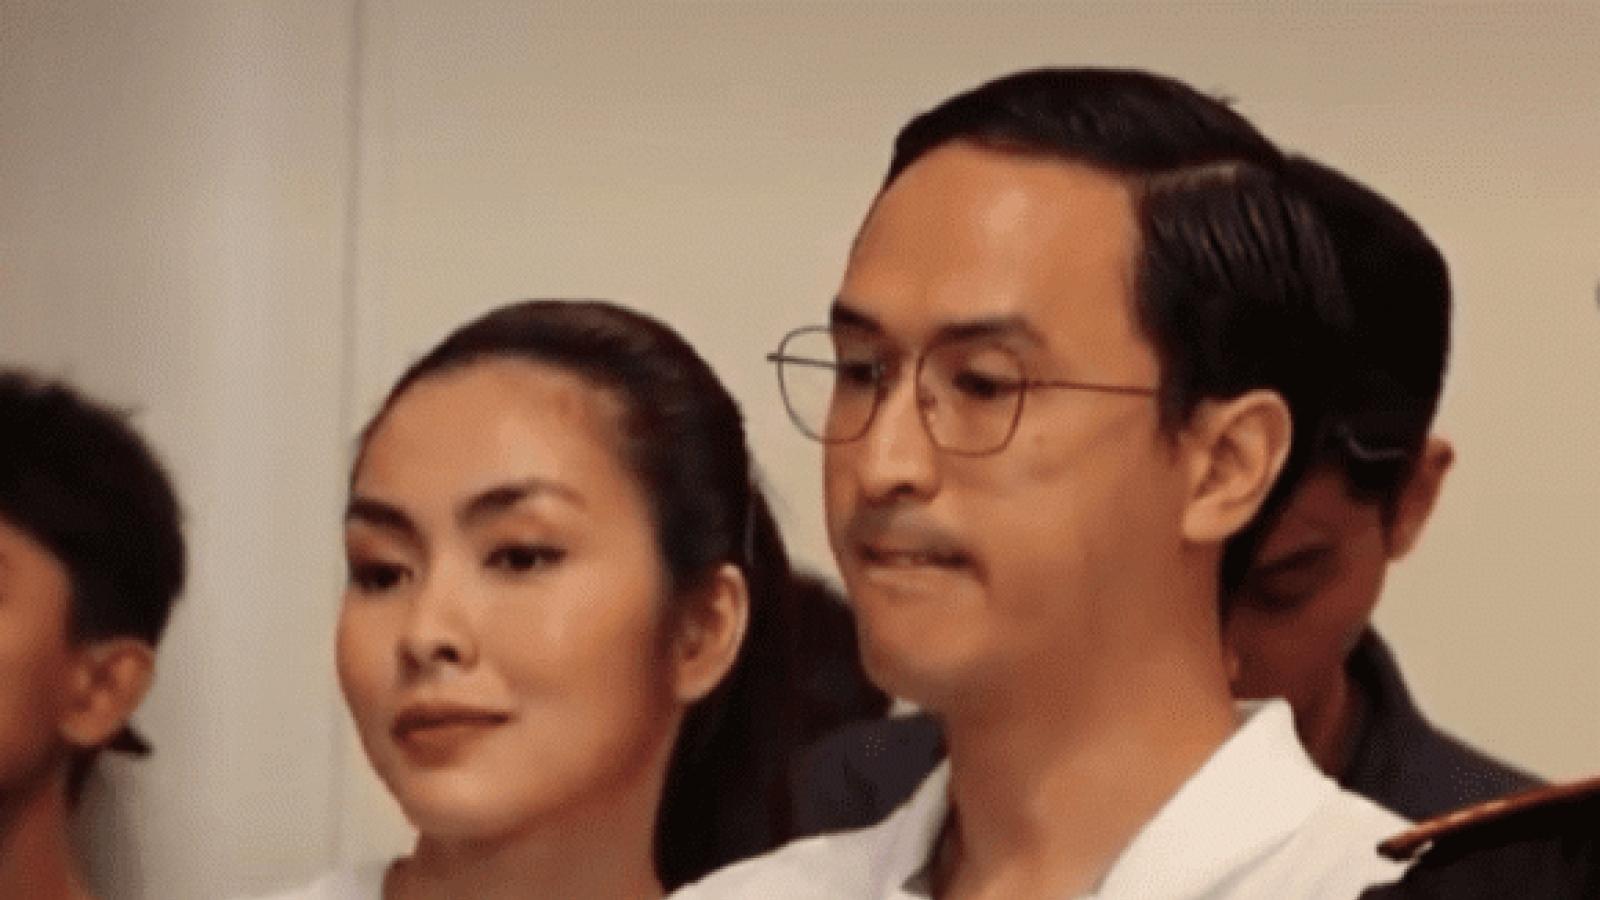 Chuyện showbiz: Khoảnh khắc Tăng Thanh Hà nhẹ nhàng tựa đầu vào vai chồng gây sốt MXH